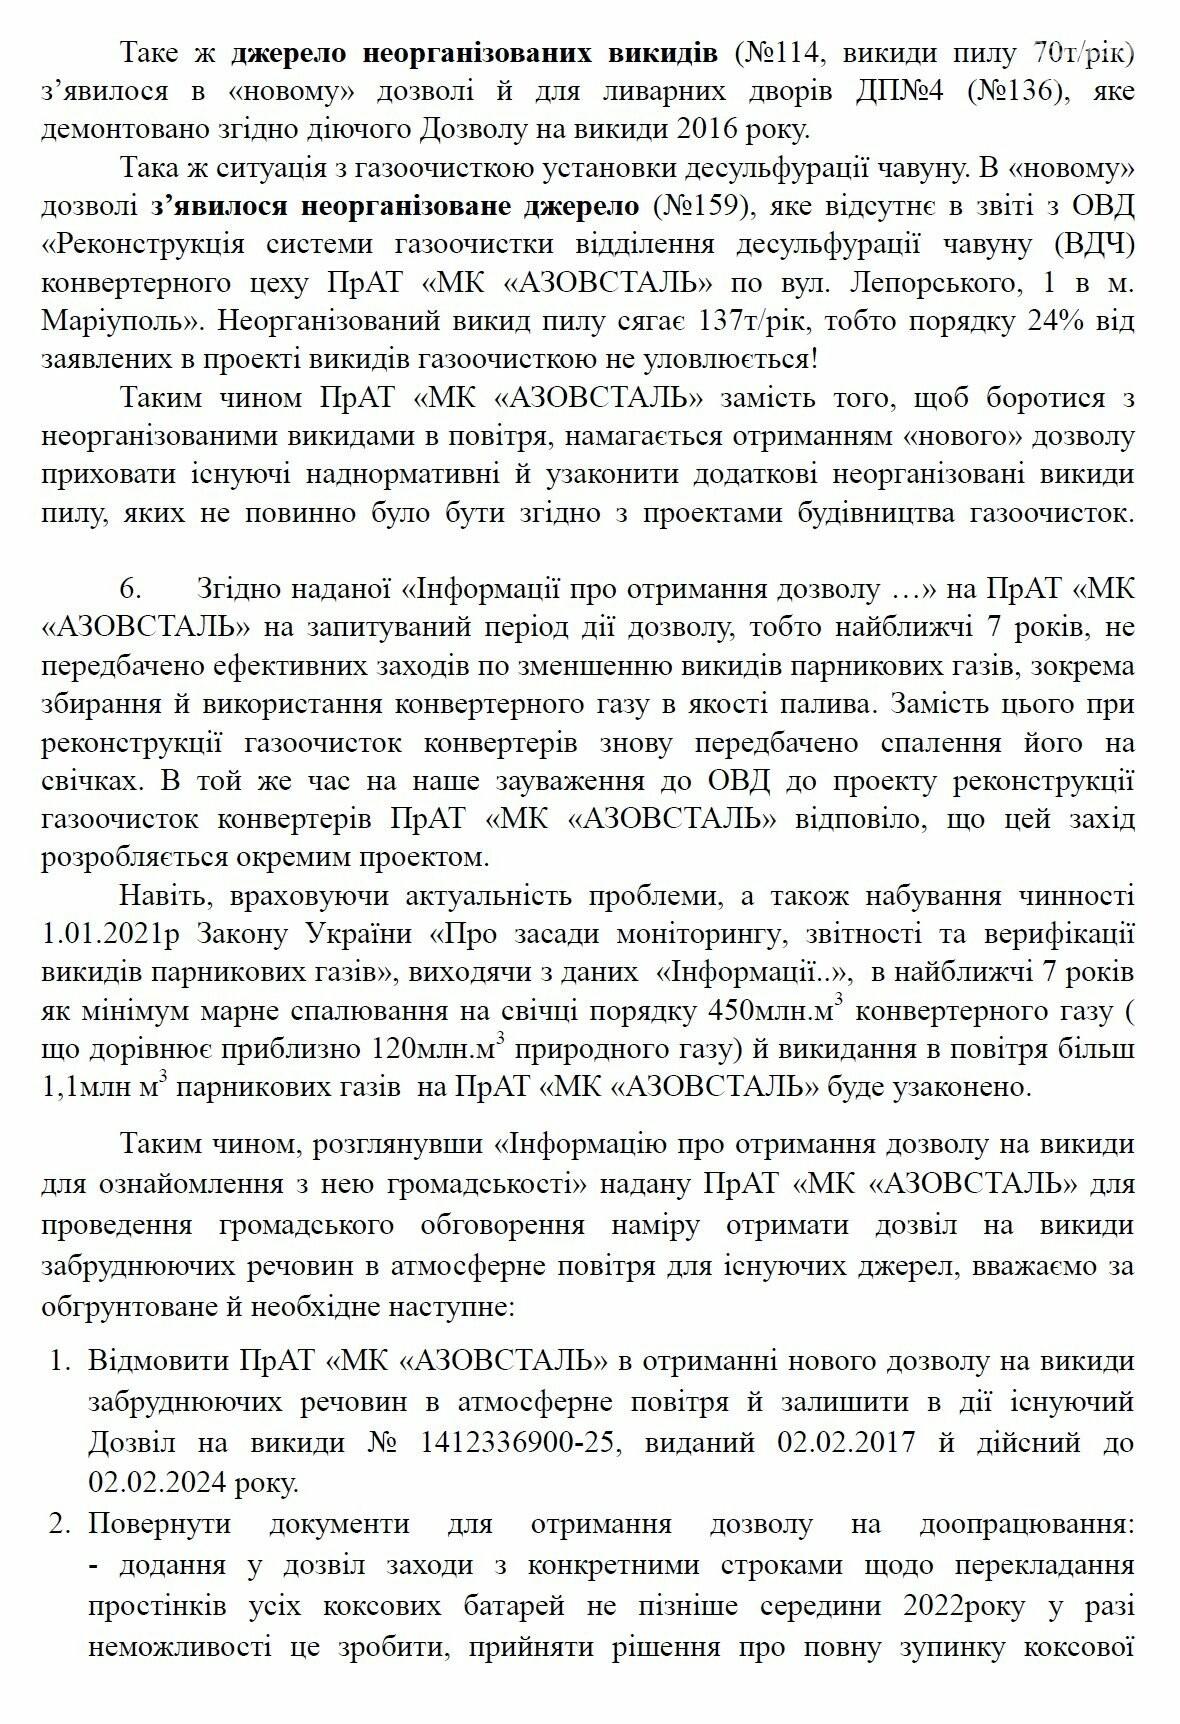 Экология SOS. «Азовсталь» хочет досрочно получить новые разрешения на выбросы, фото-4